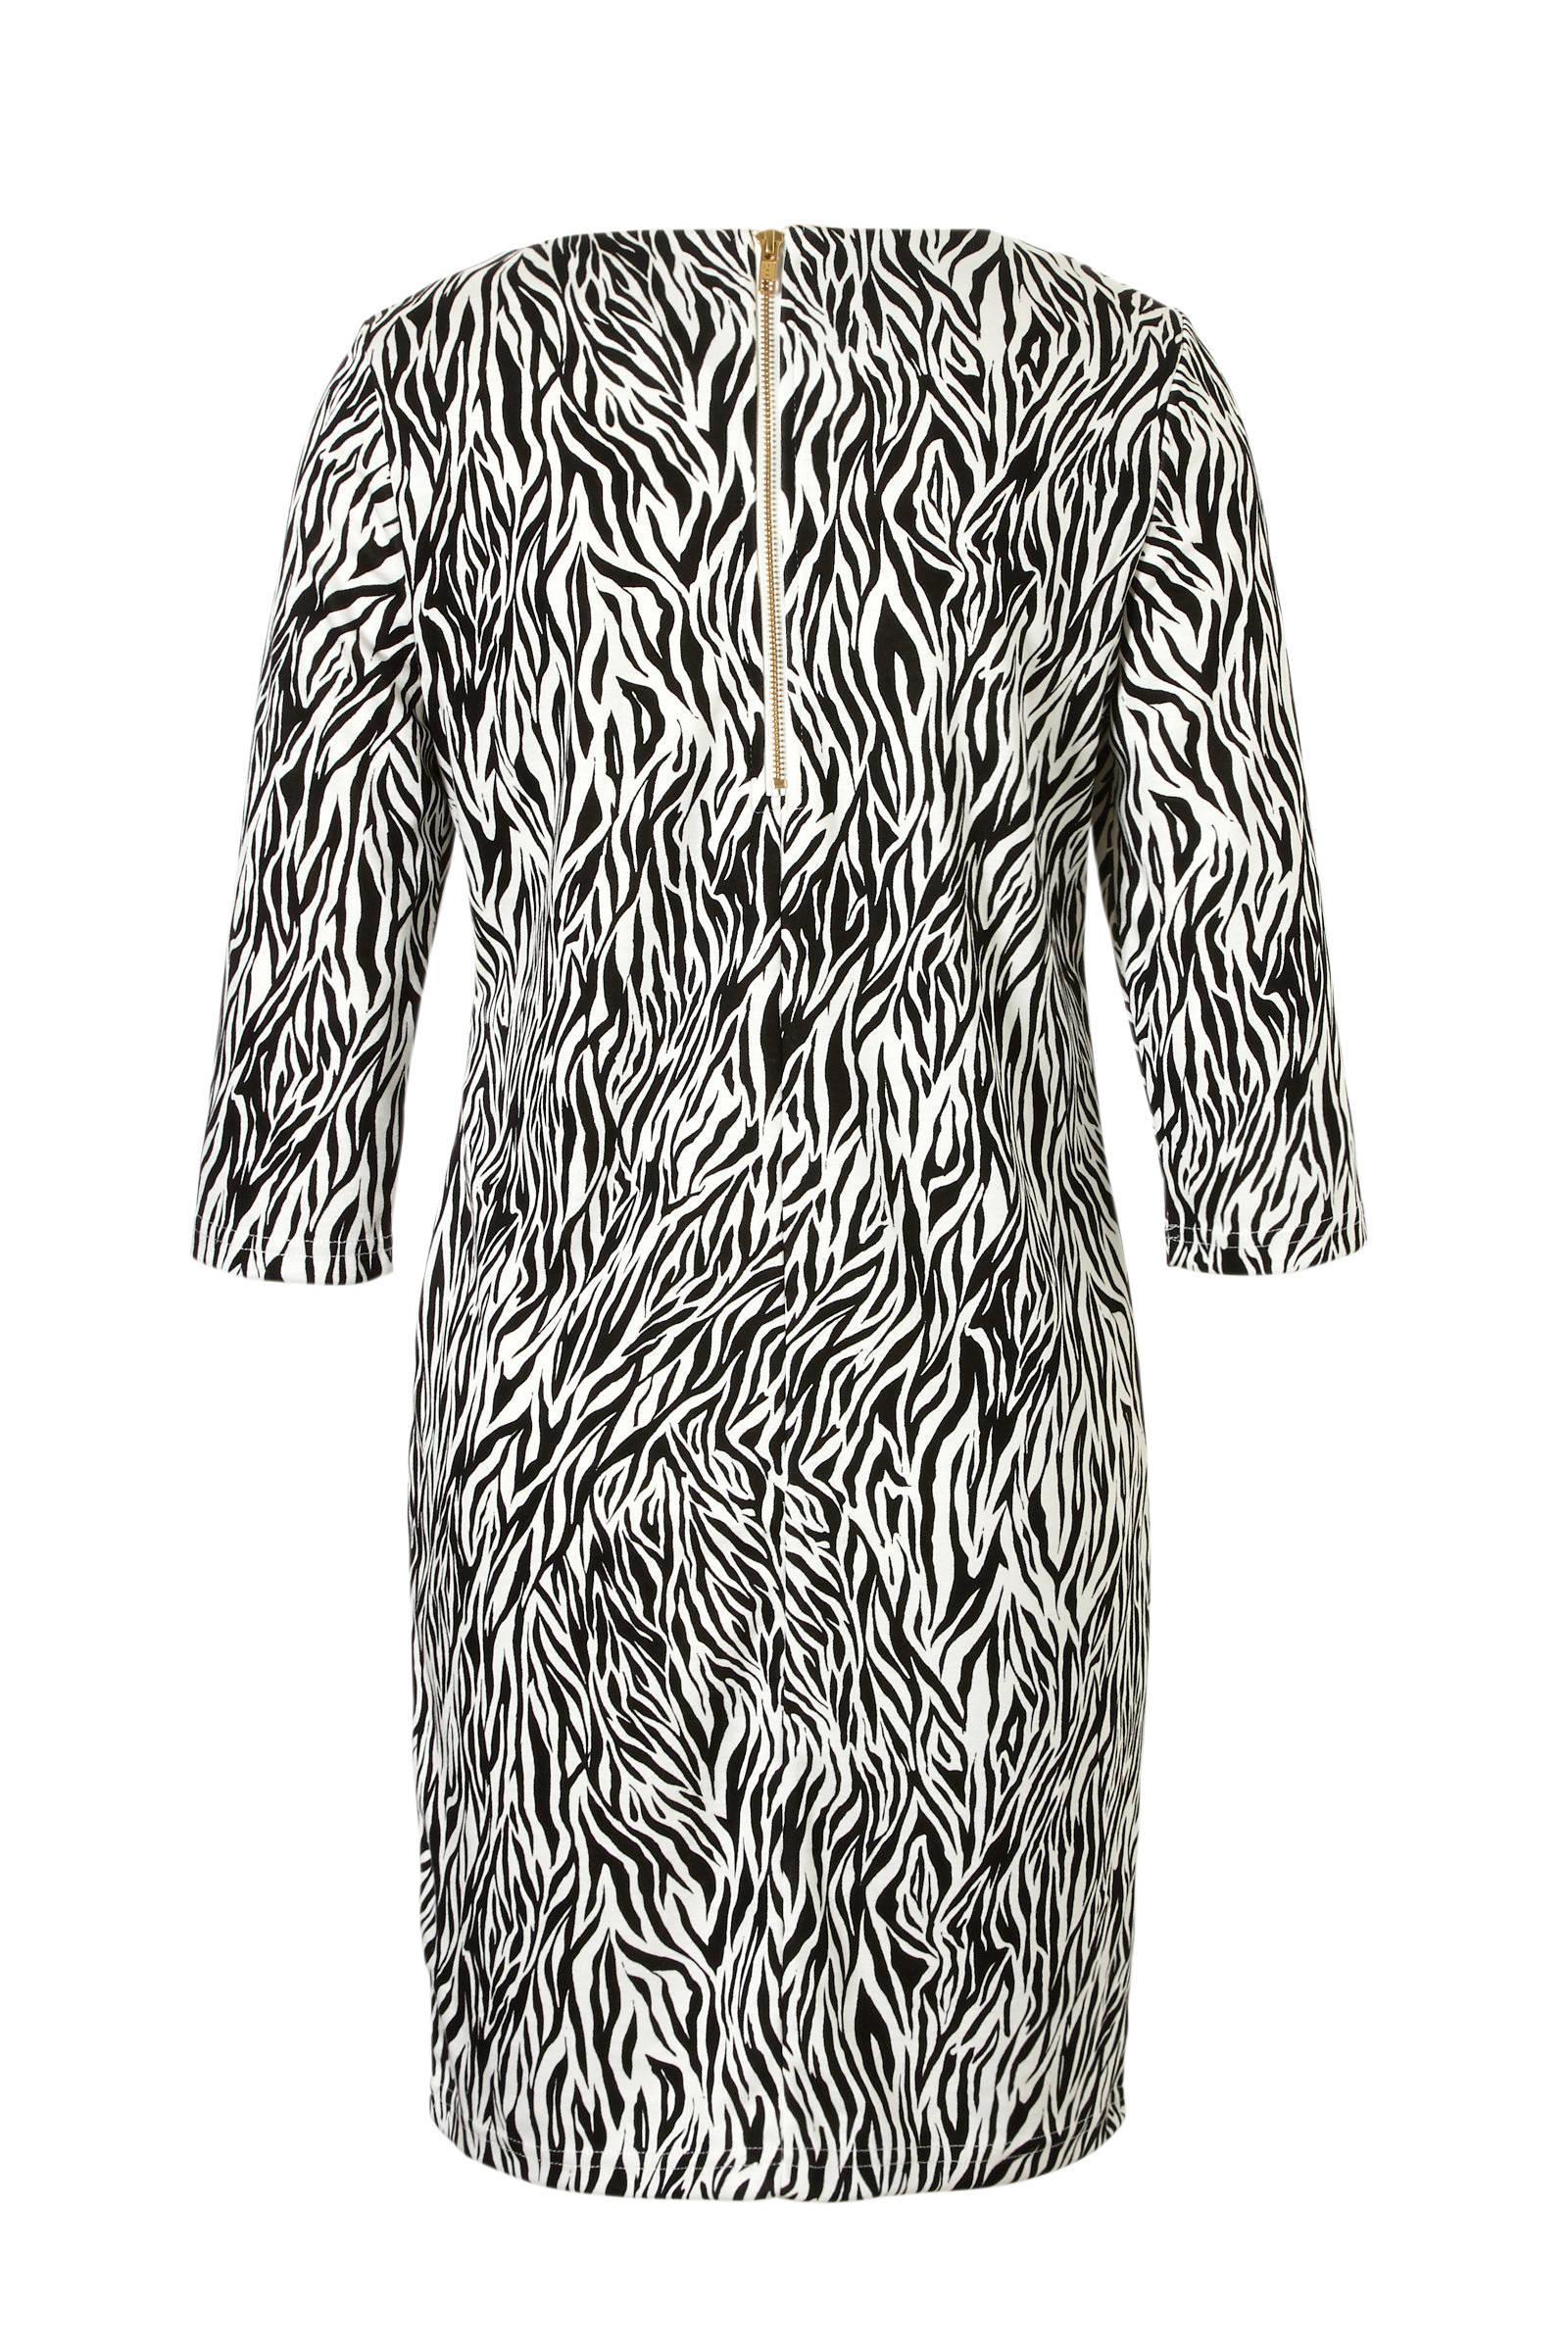 jurk zebraprint VILA met jurk VILA O4xwXp